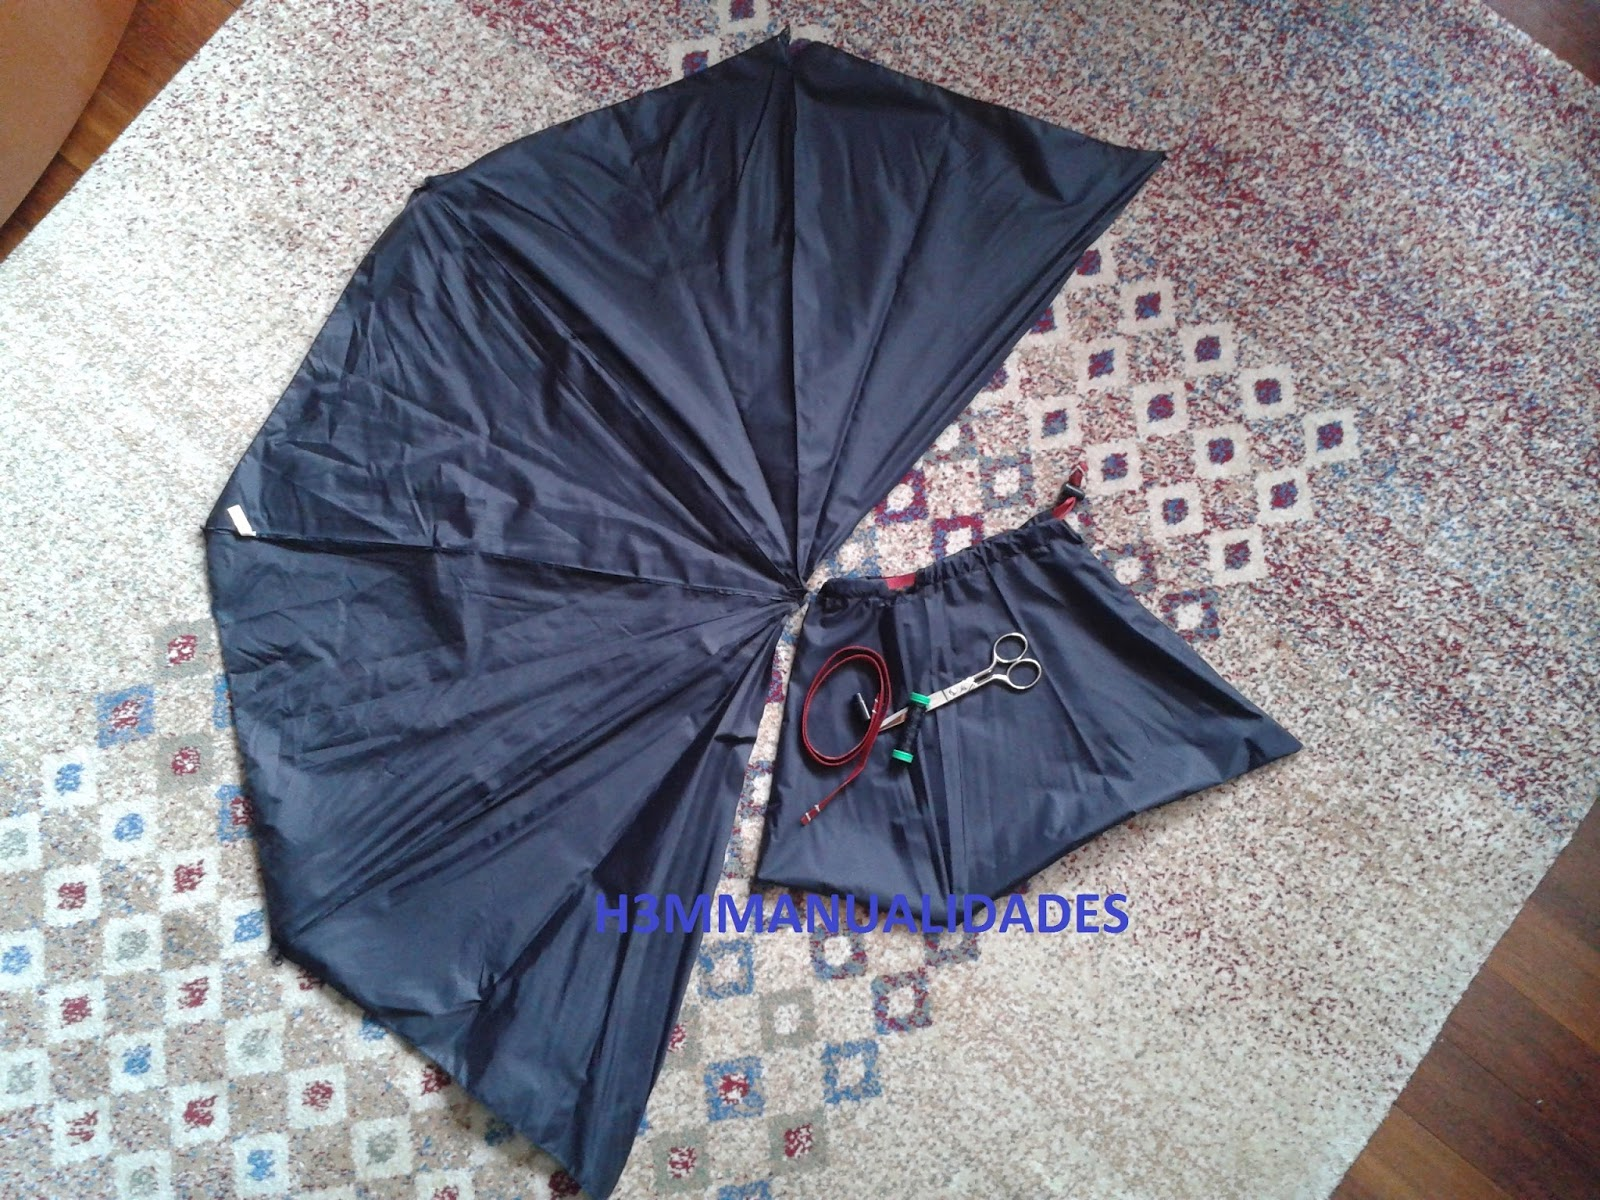 H3m manualidades bolsa con tela de paraguas - Tela de paraguas ...